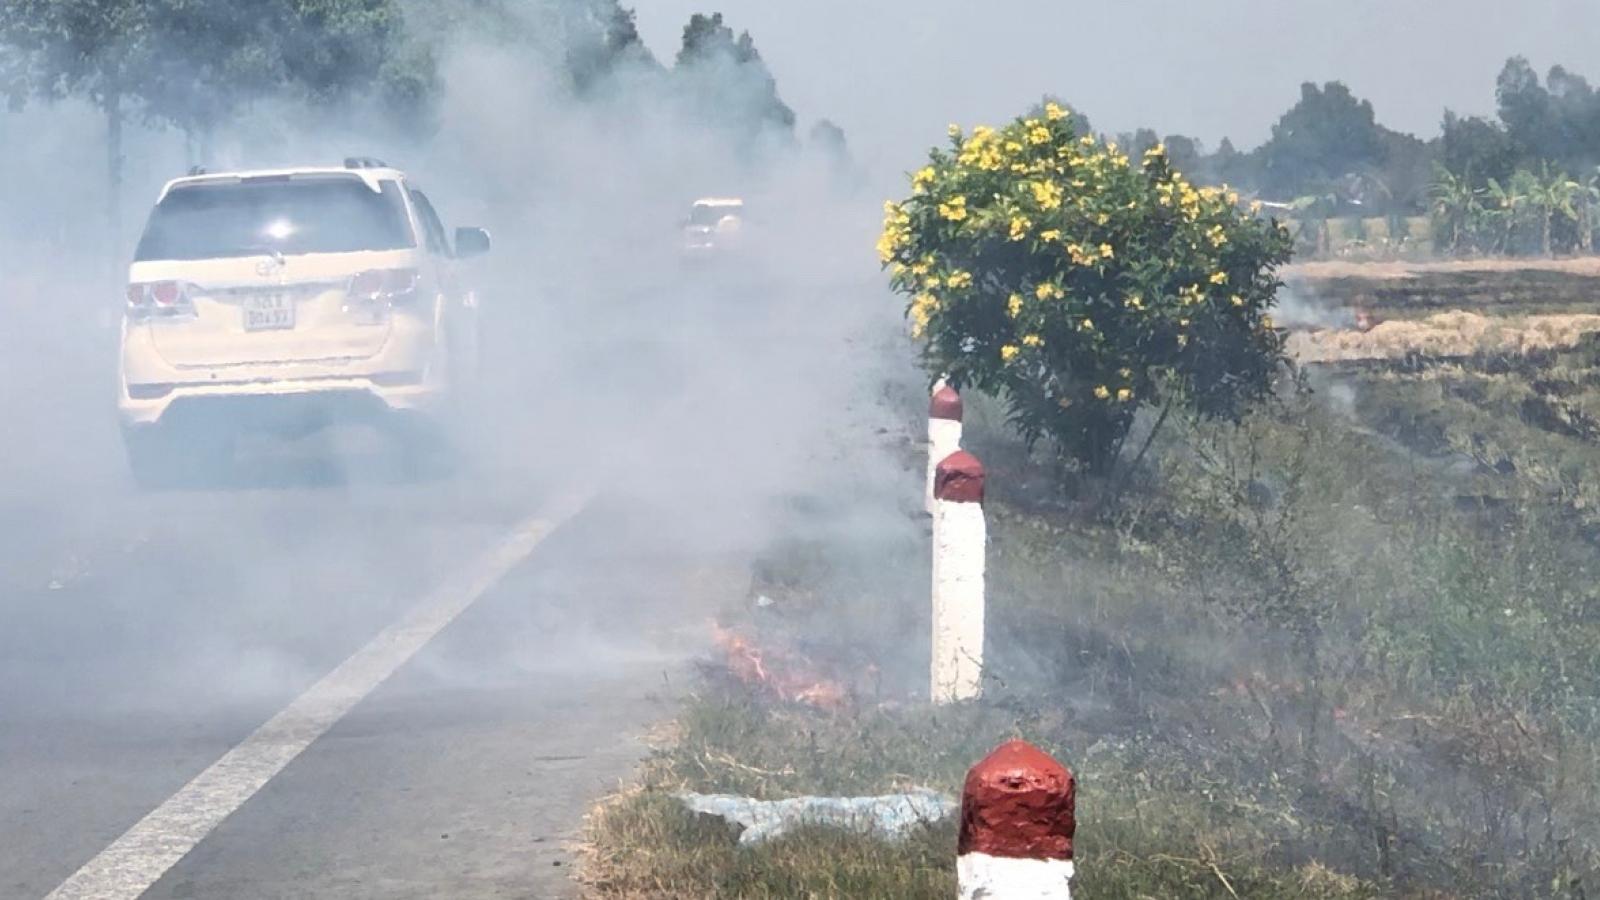 Tiềm ẩn nhiều nguy cơ từ việc nông dân đốt rơm rạ trên cánh đồng